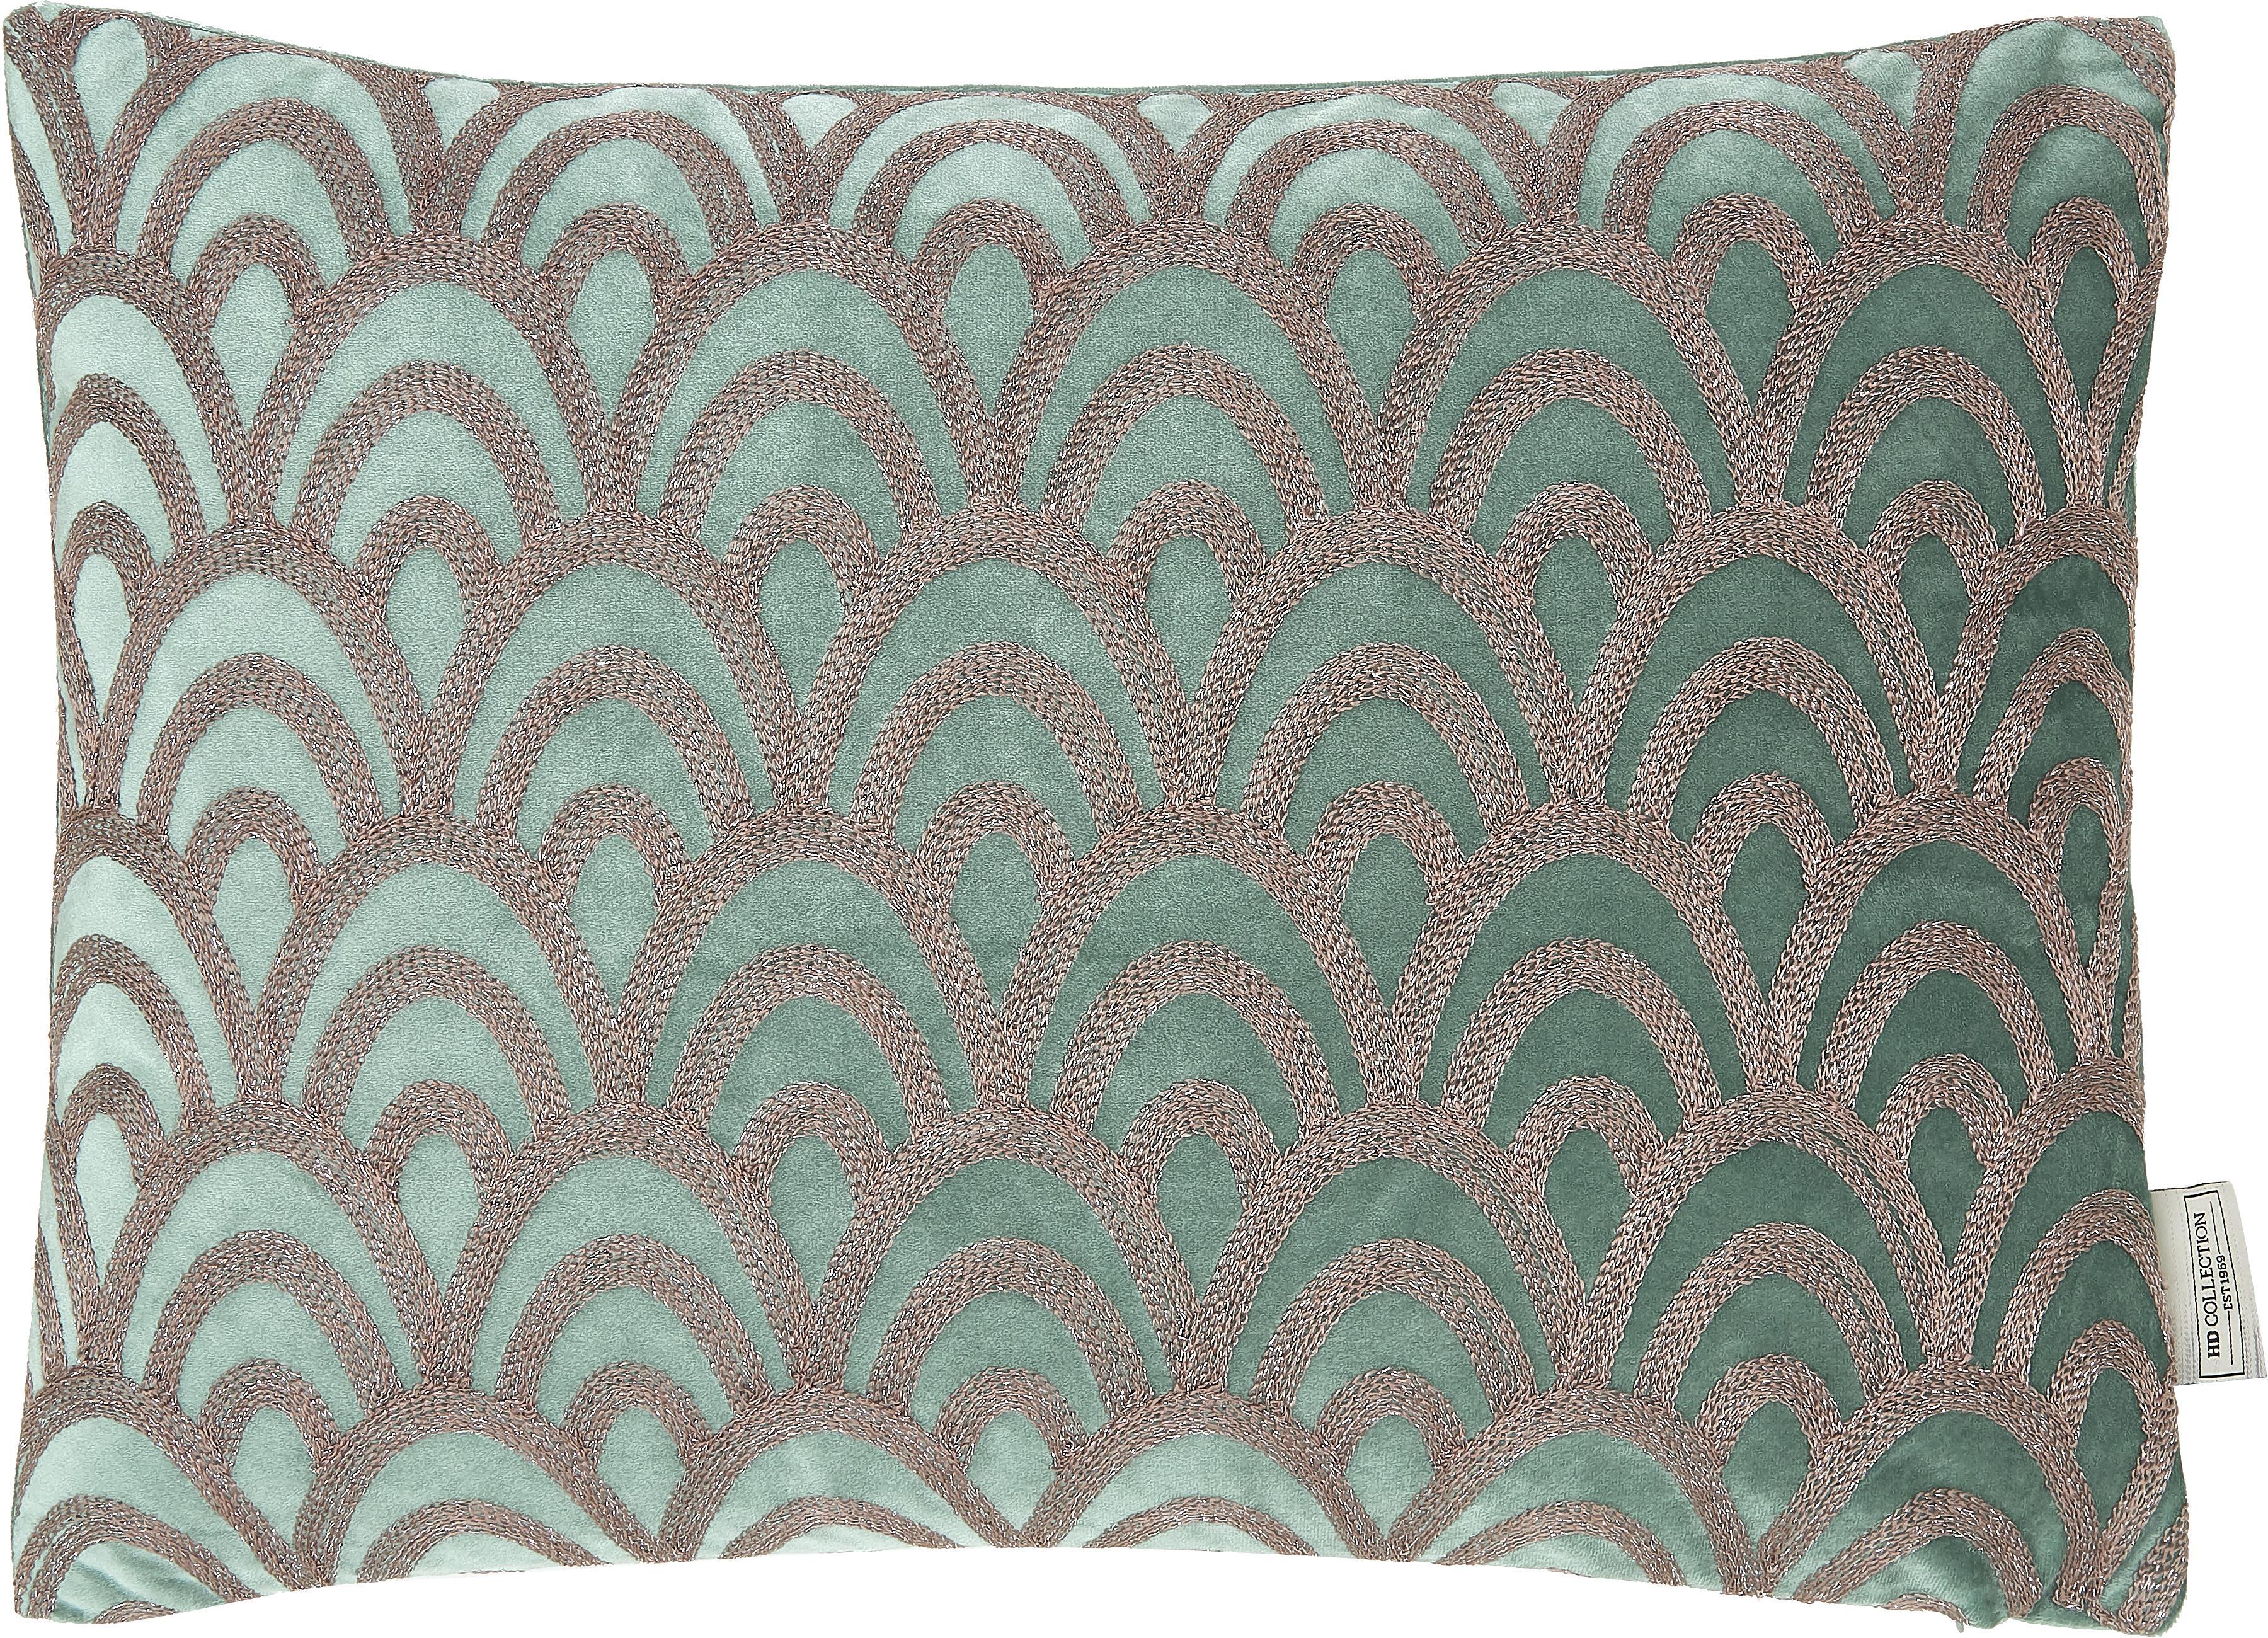 Fluwelen kussen Trole met glanzende borduurwerk, met vulling, 100% fluweel (polyester), Groen, zilverkleurig, 40 x 60 cm